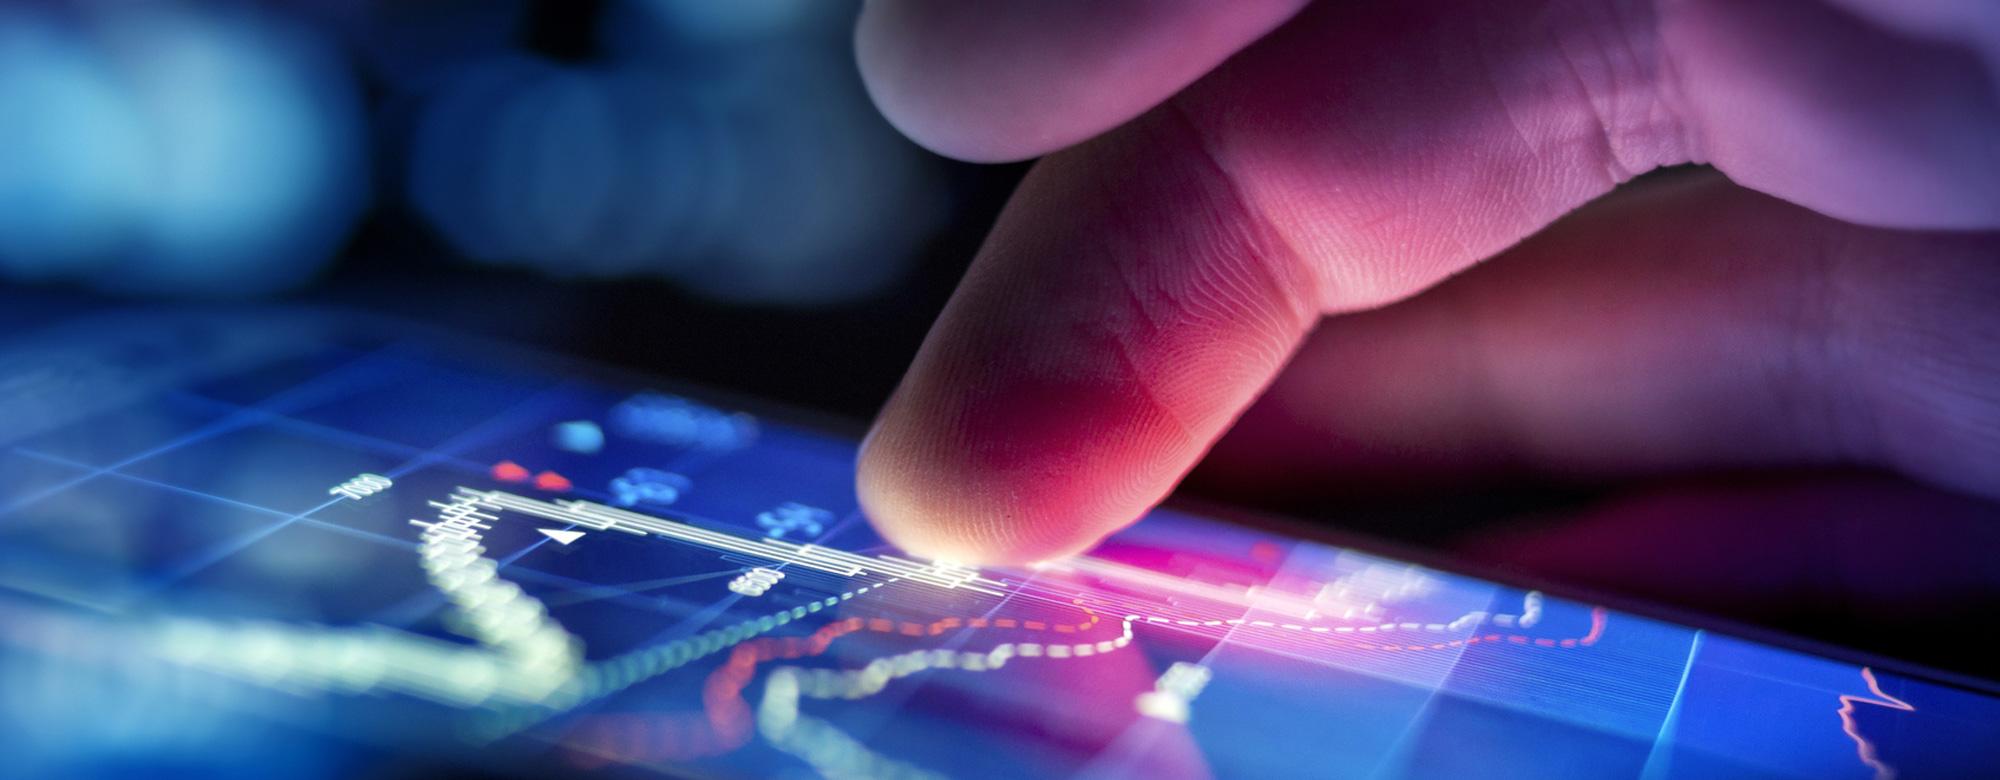 ICT e servizi alle imprese